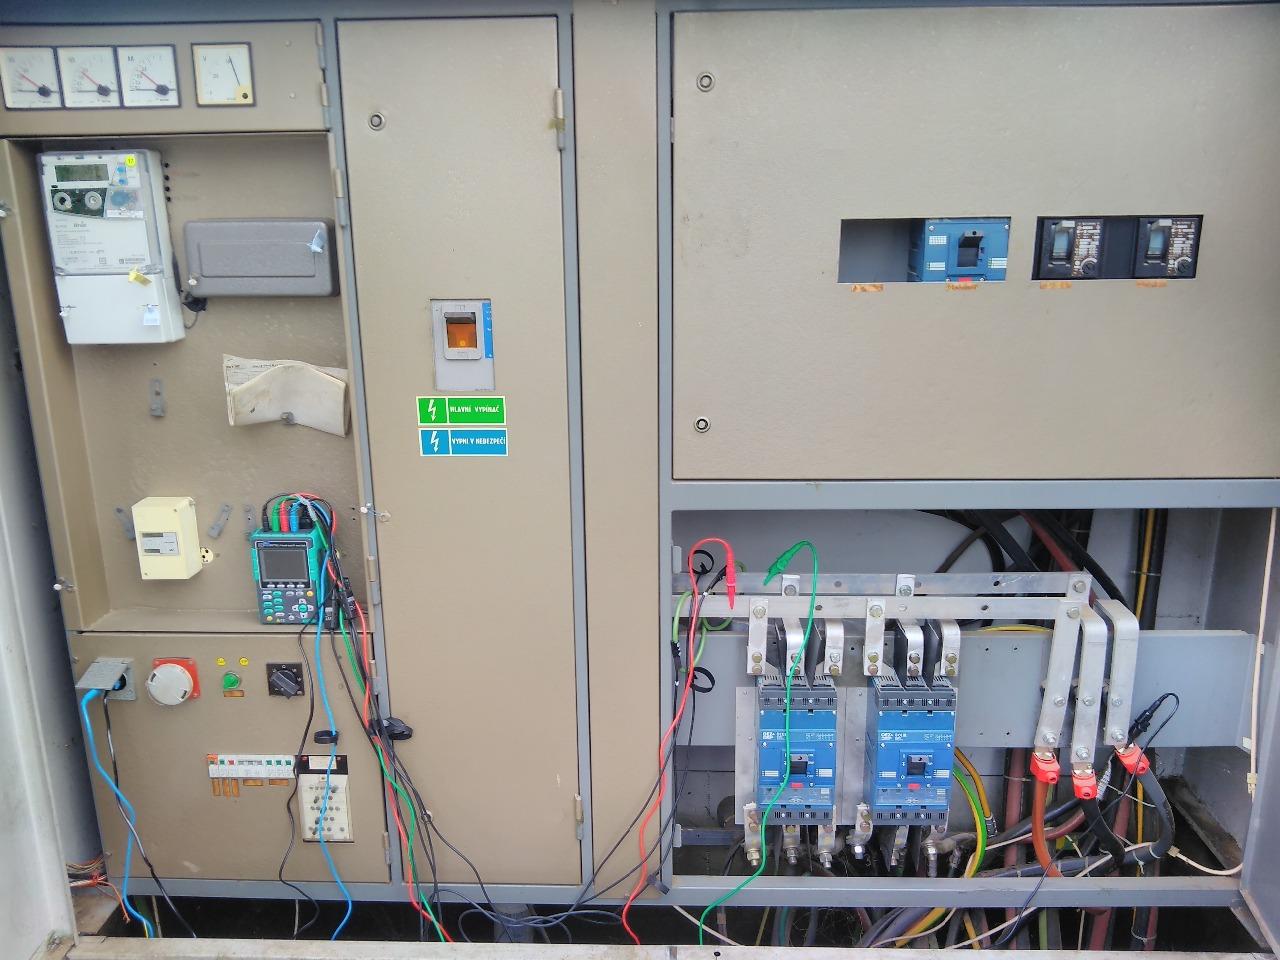 měření kvality sítě a celkového odběru